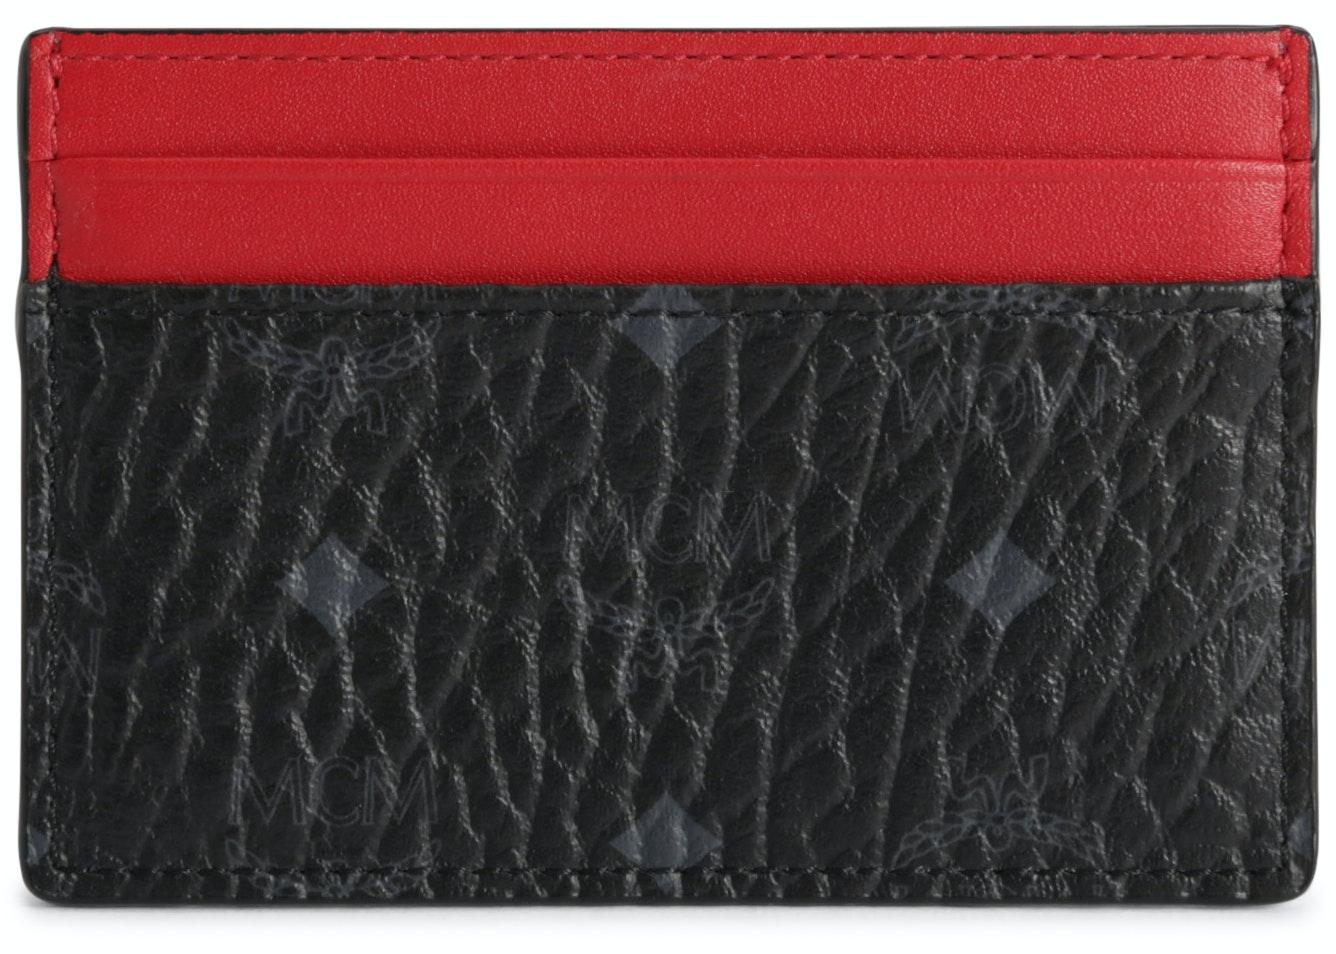 MCM Card Case Visetos Mini Black/Red